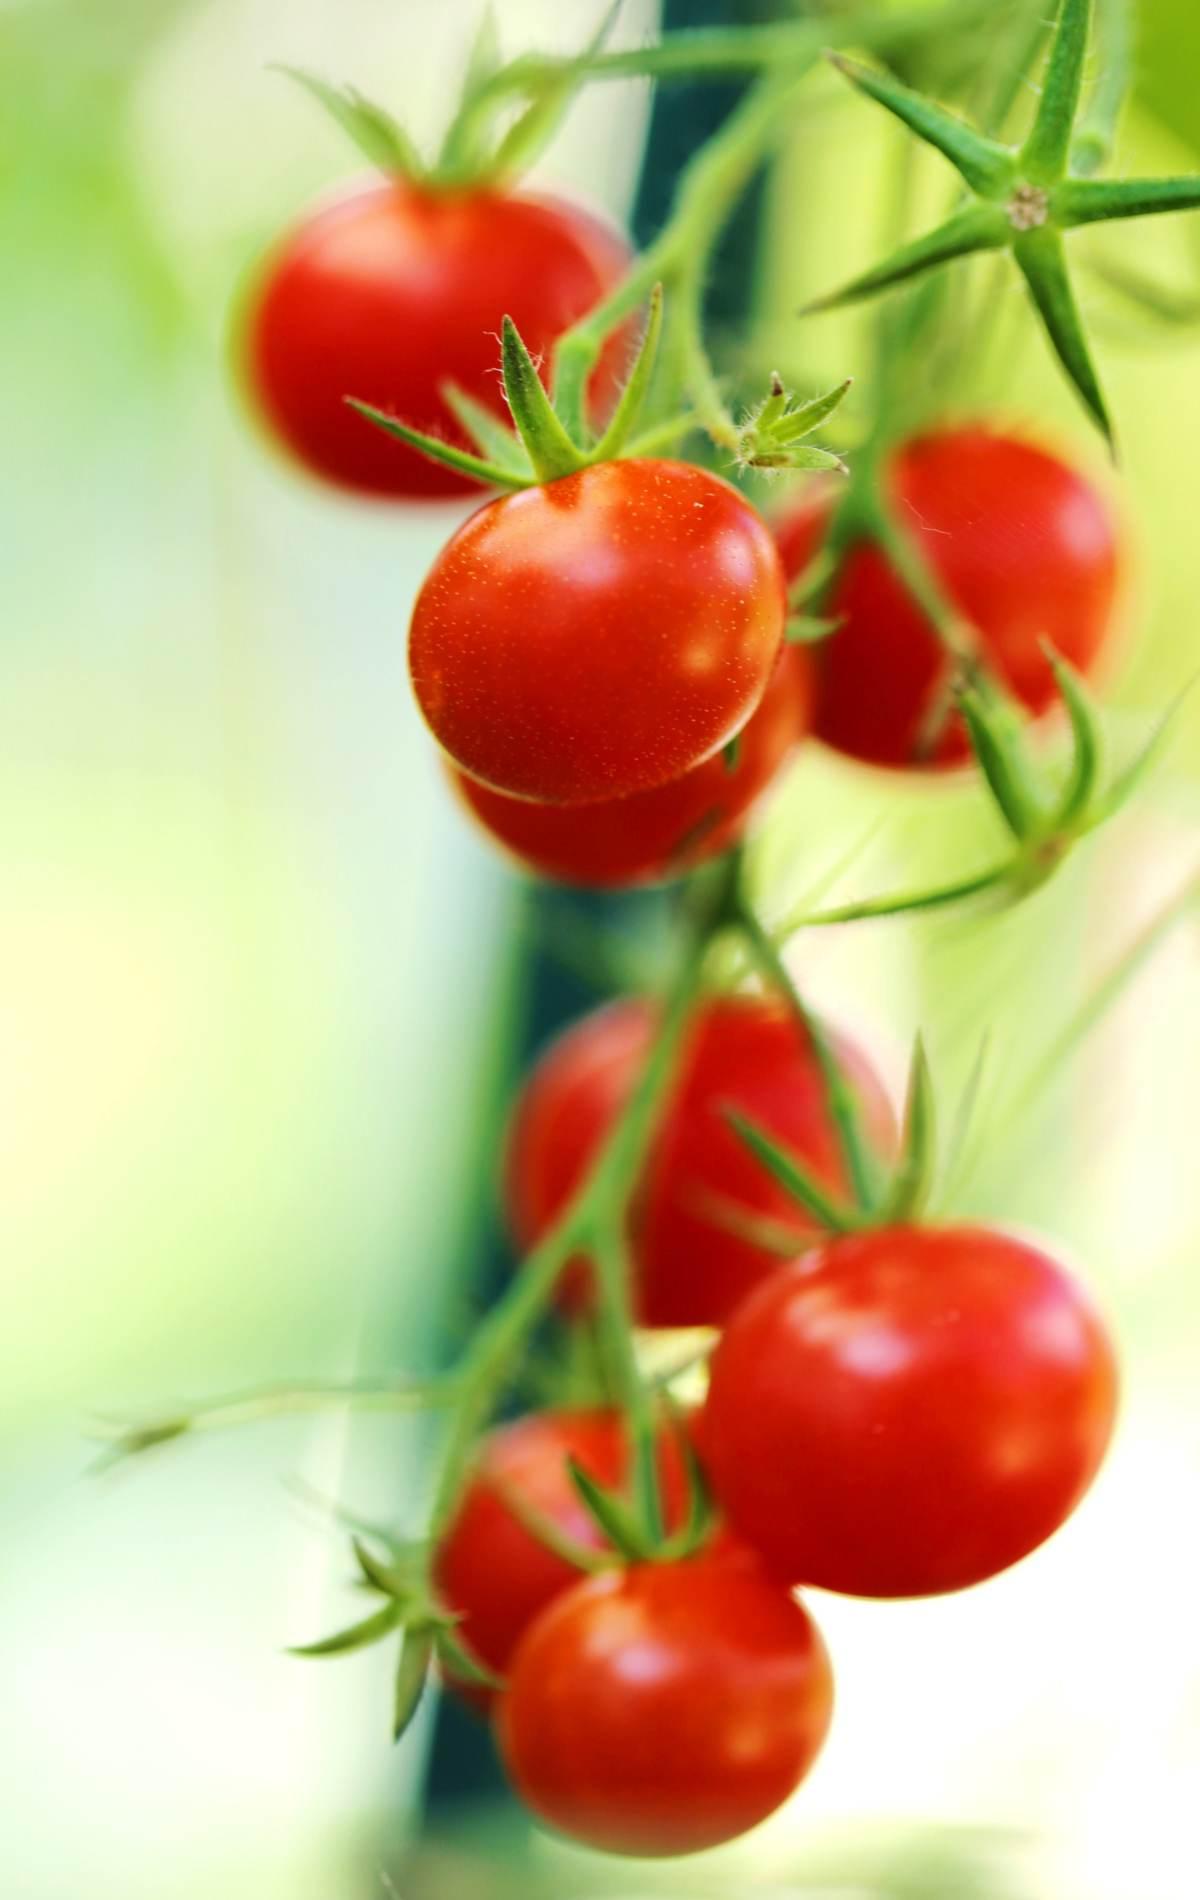 Cherry tomato, savoring the summer!